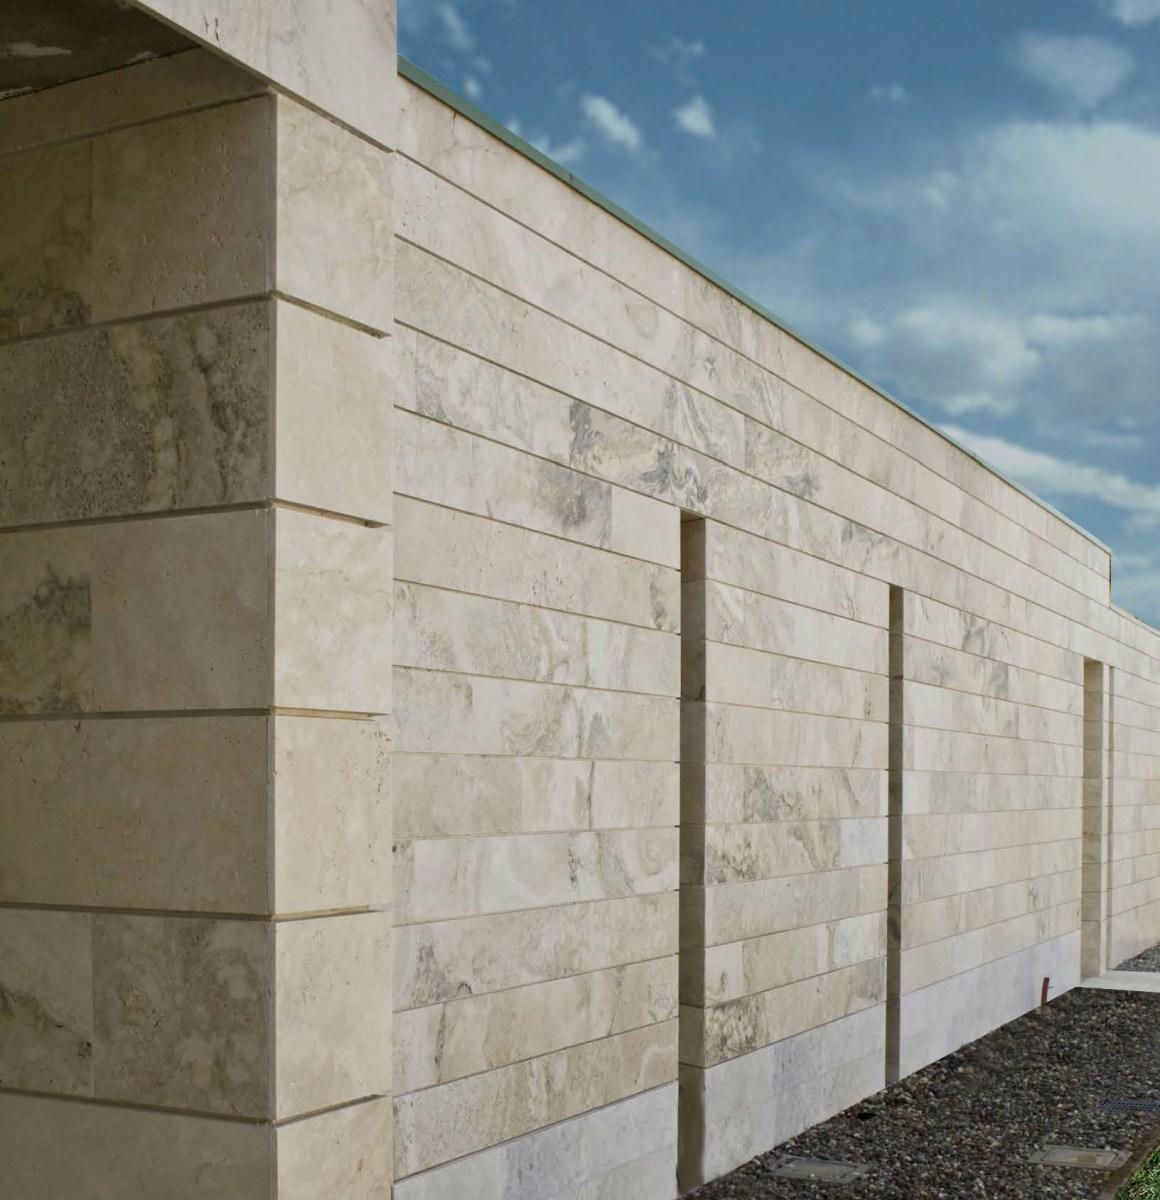 Facciate in travertino di pietre di rapolano - Rivestimenti esterni case moderne ...